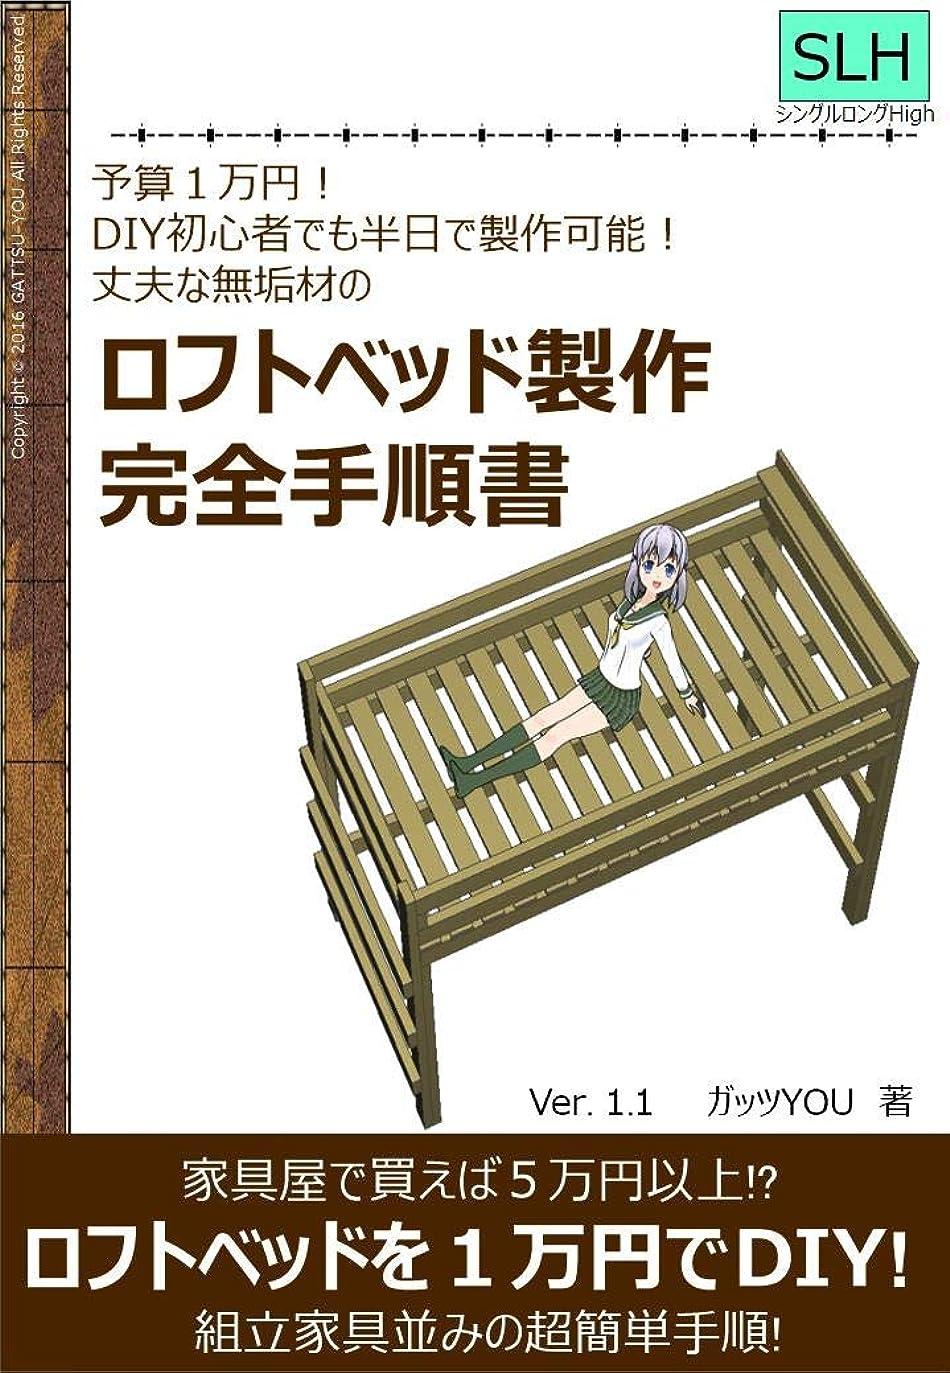 ペーストいつか遠え予算1万円!丈夫な無垢材の高級木製ロフトベッド製作完全手順書 タイプSLH: DIY初心者でも半日で製作可能なロフトベッドの製作手順書です。